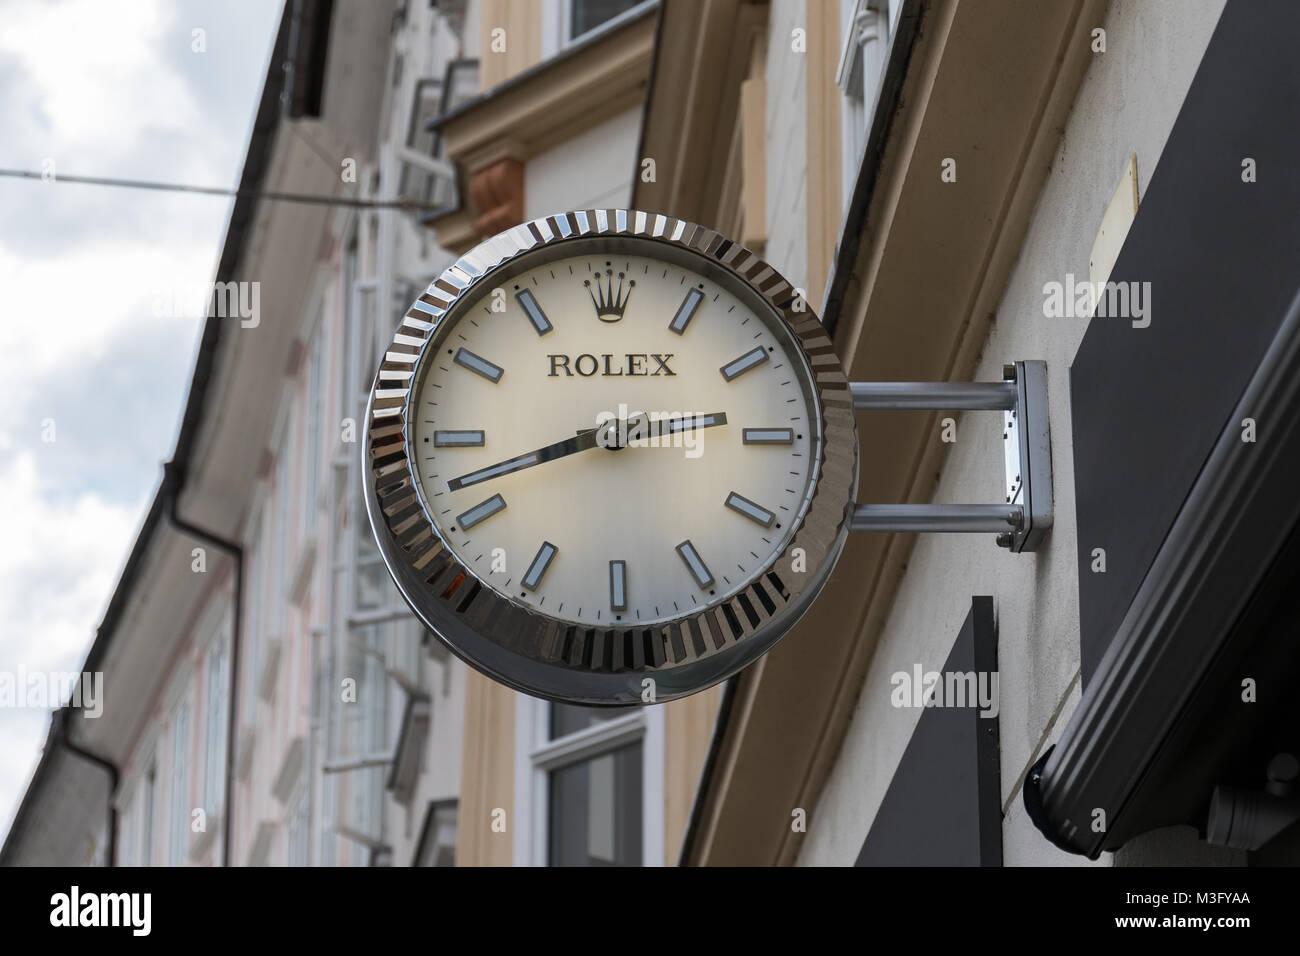 47c4ff0fb012db Orologio Rolex orologio al di fuori di gioielleria Immagini Stock